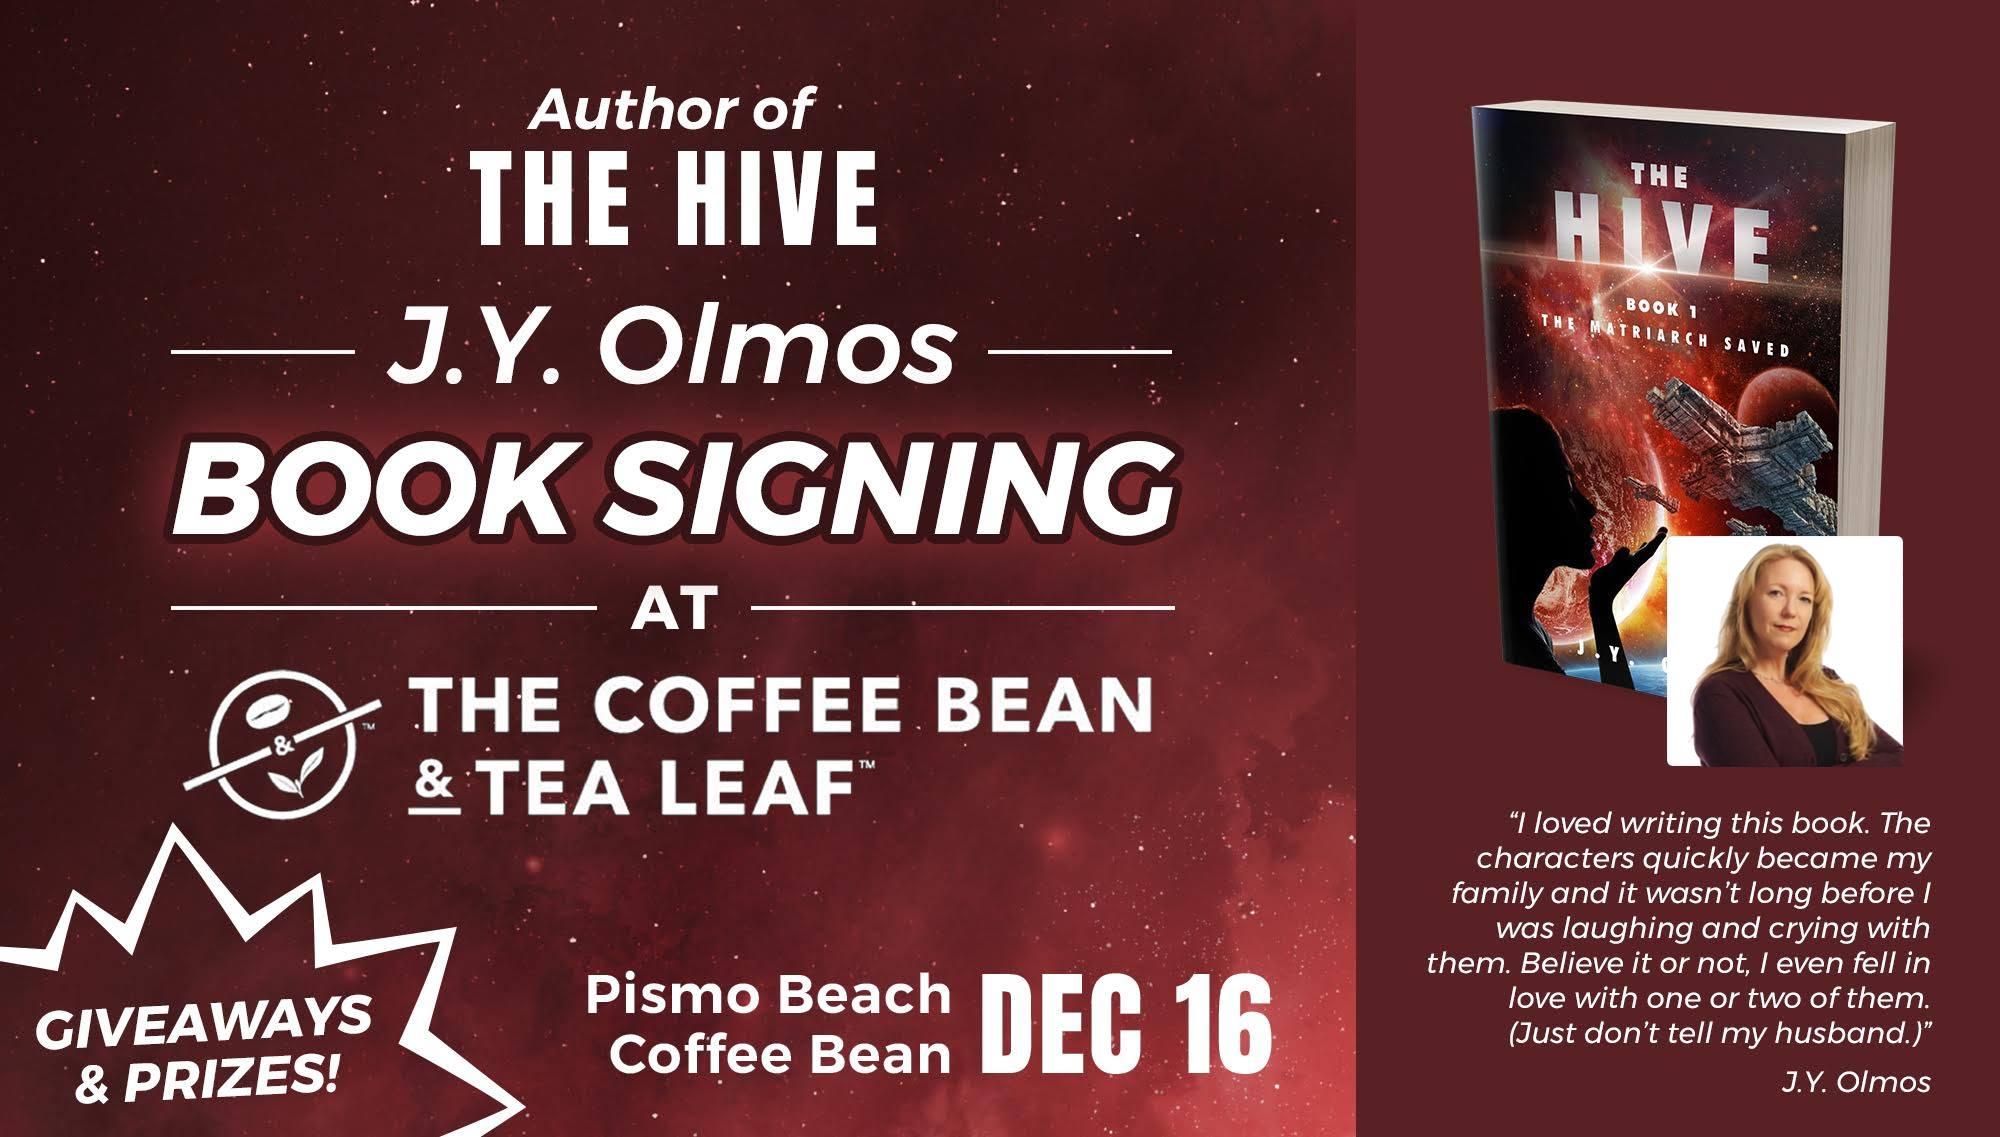 J. Y. Olmos book signing